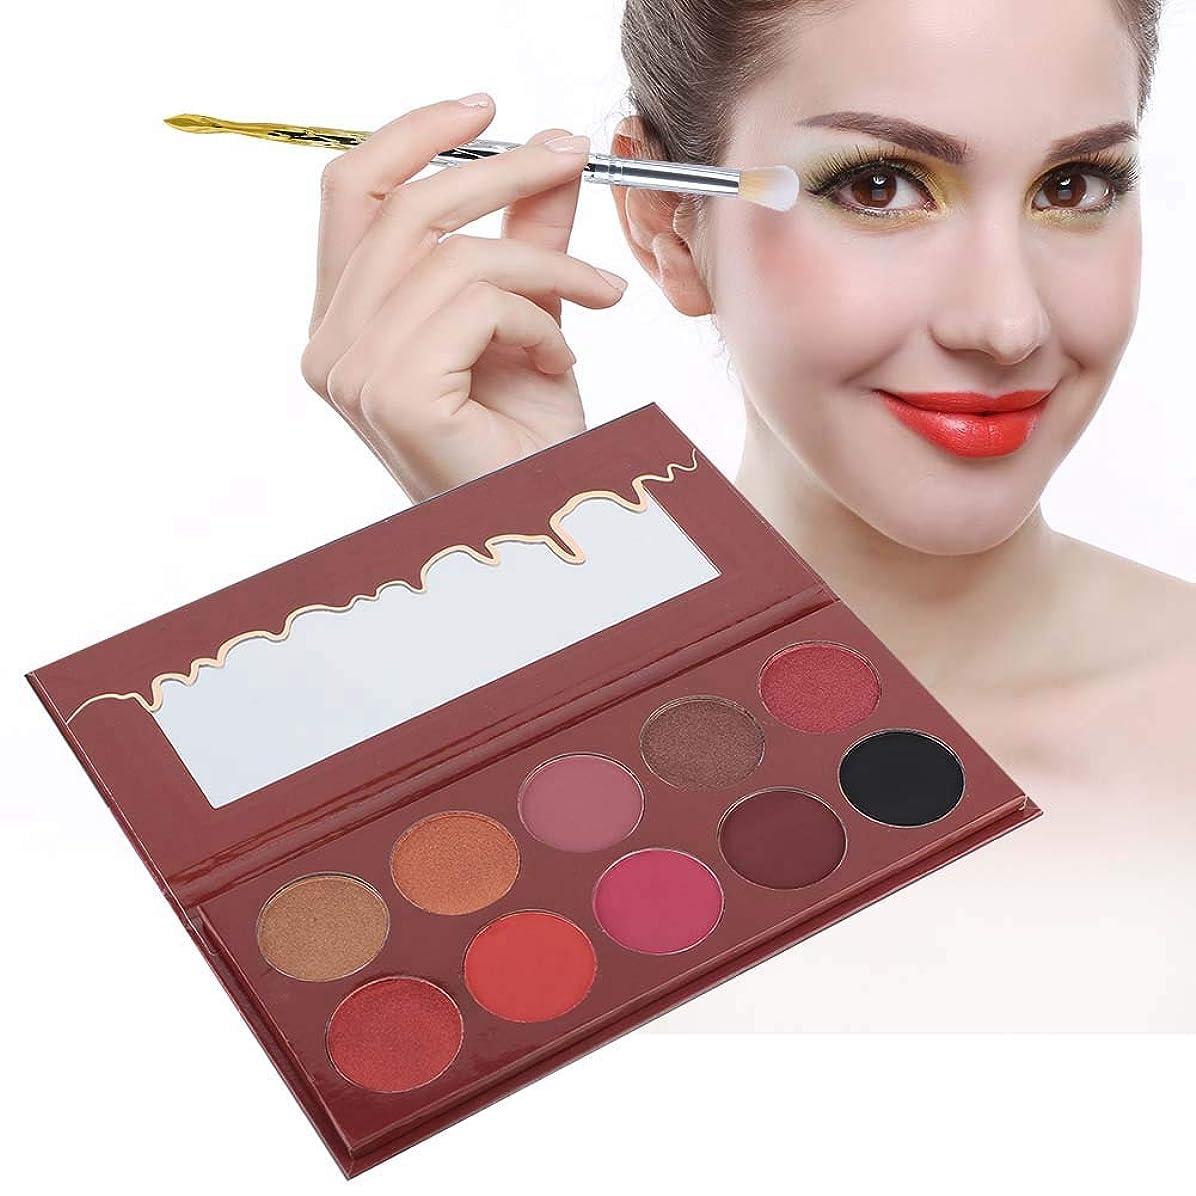 北ロゴメロディアス10色 アイシャドウパレット アイシャドウパレット 化粧マット グロス アイシャドウパウダー 化粧品ツール